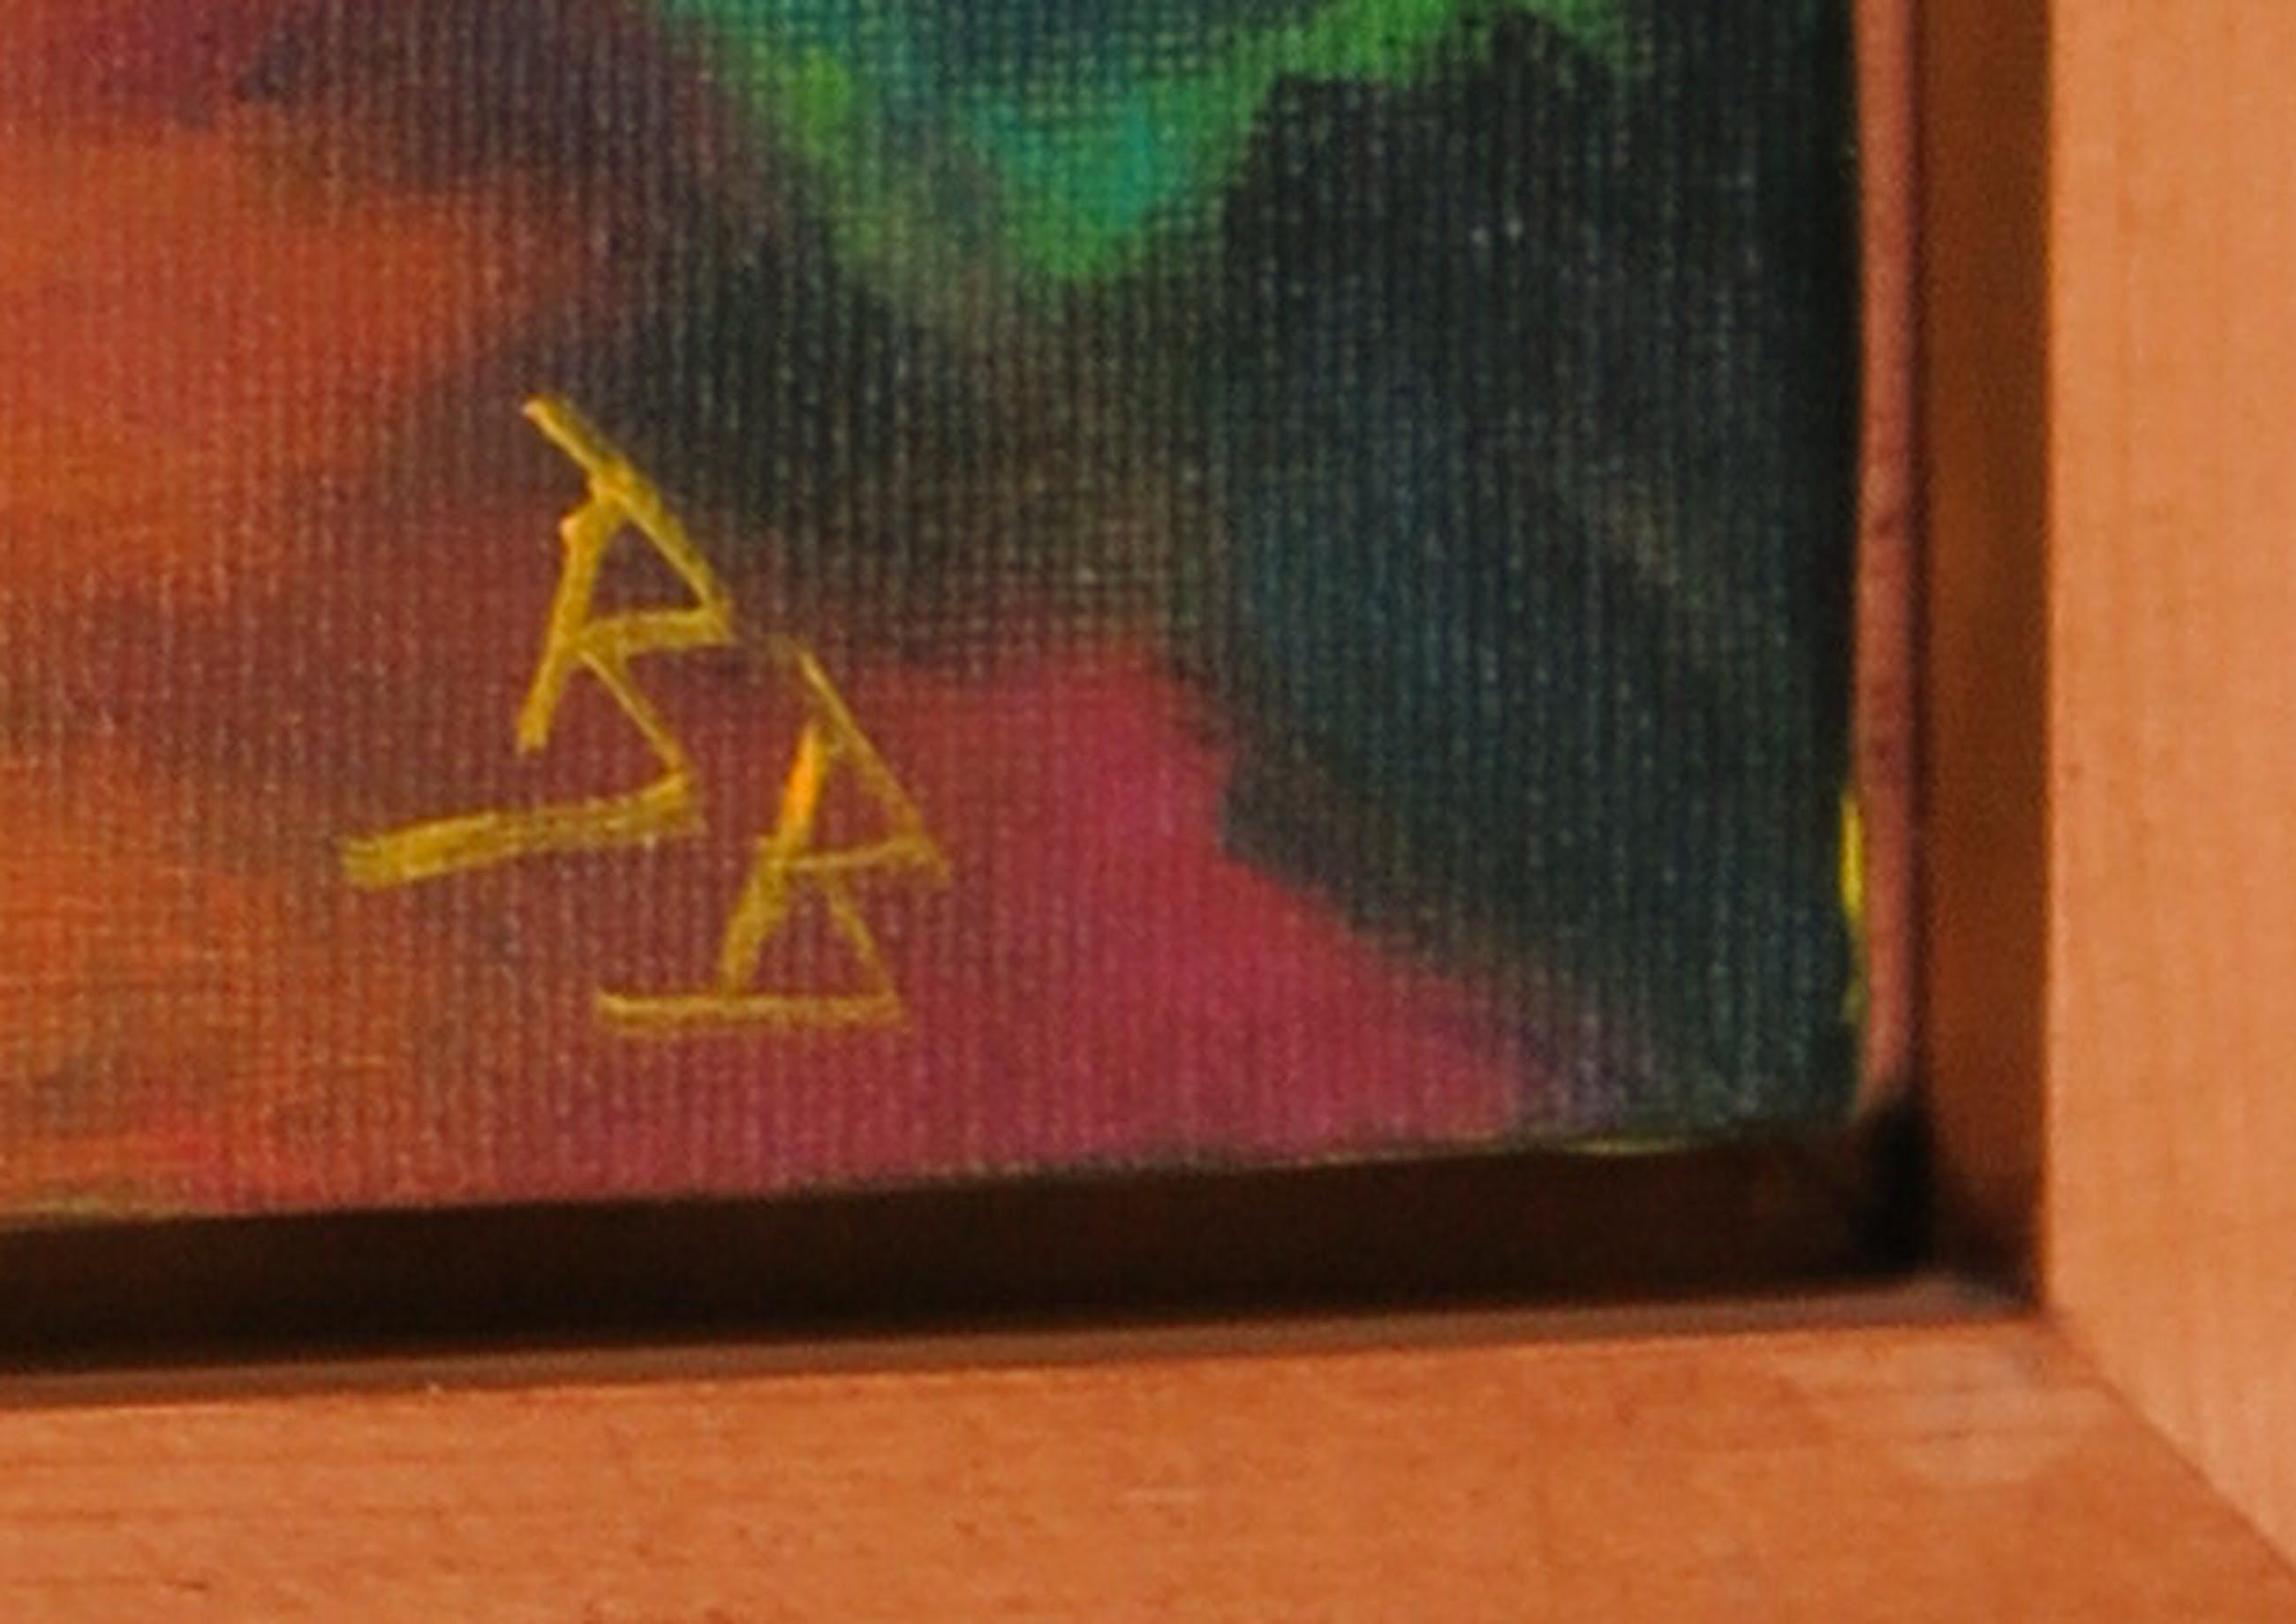 Niet of onleesbaar gesigneerd - Acrylverf op doek, Zonder titel - Ingelijst kopen? Bied vanaf 1!